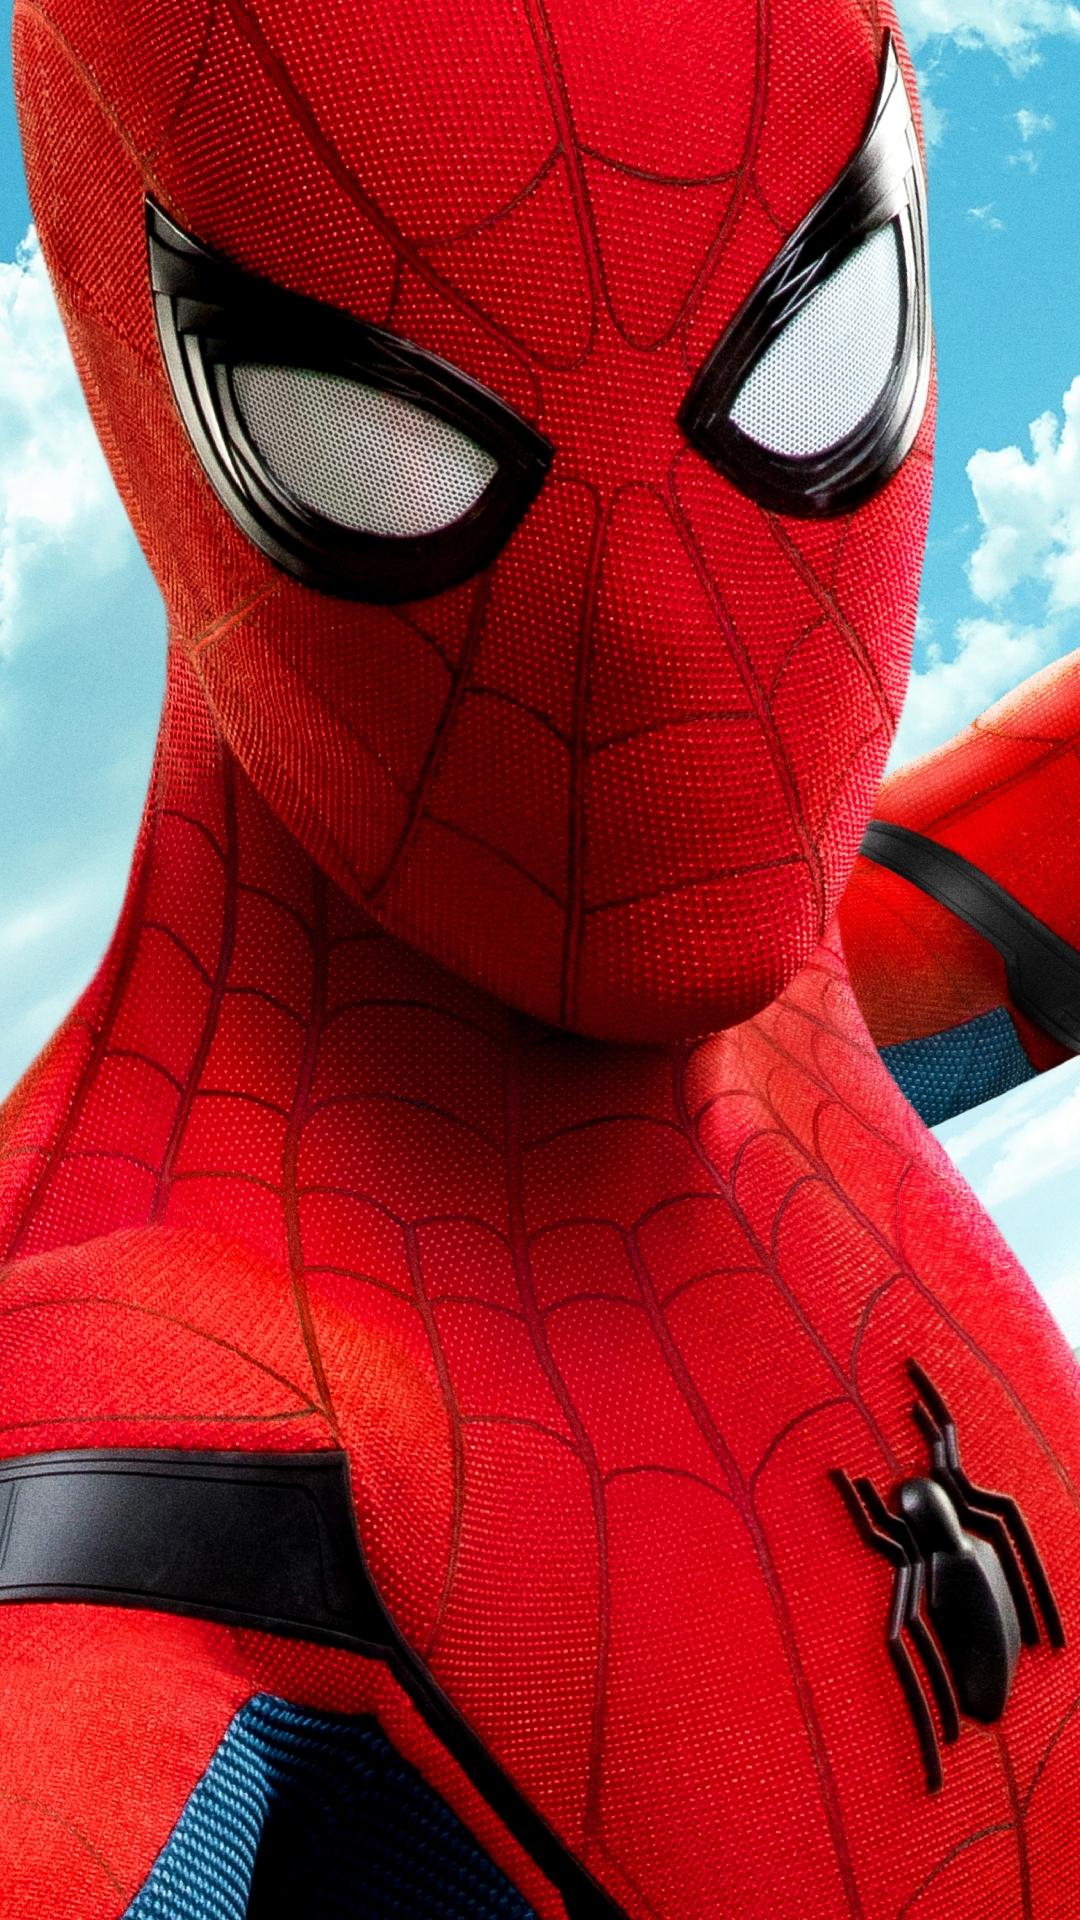 Spiderman homecoming wallpaper wallpapersafari - Spiderman iphone x wallpaper ...